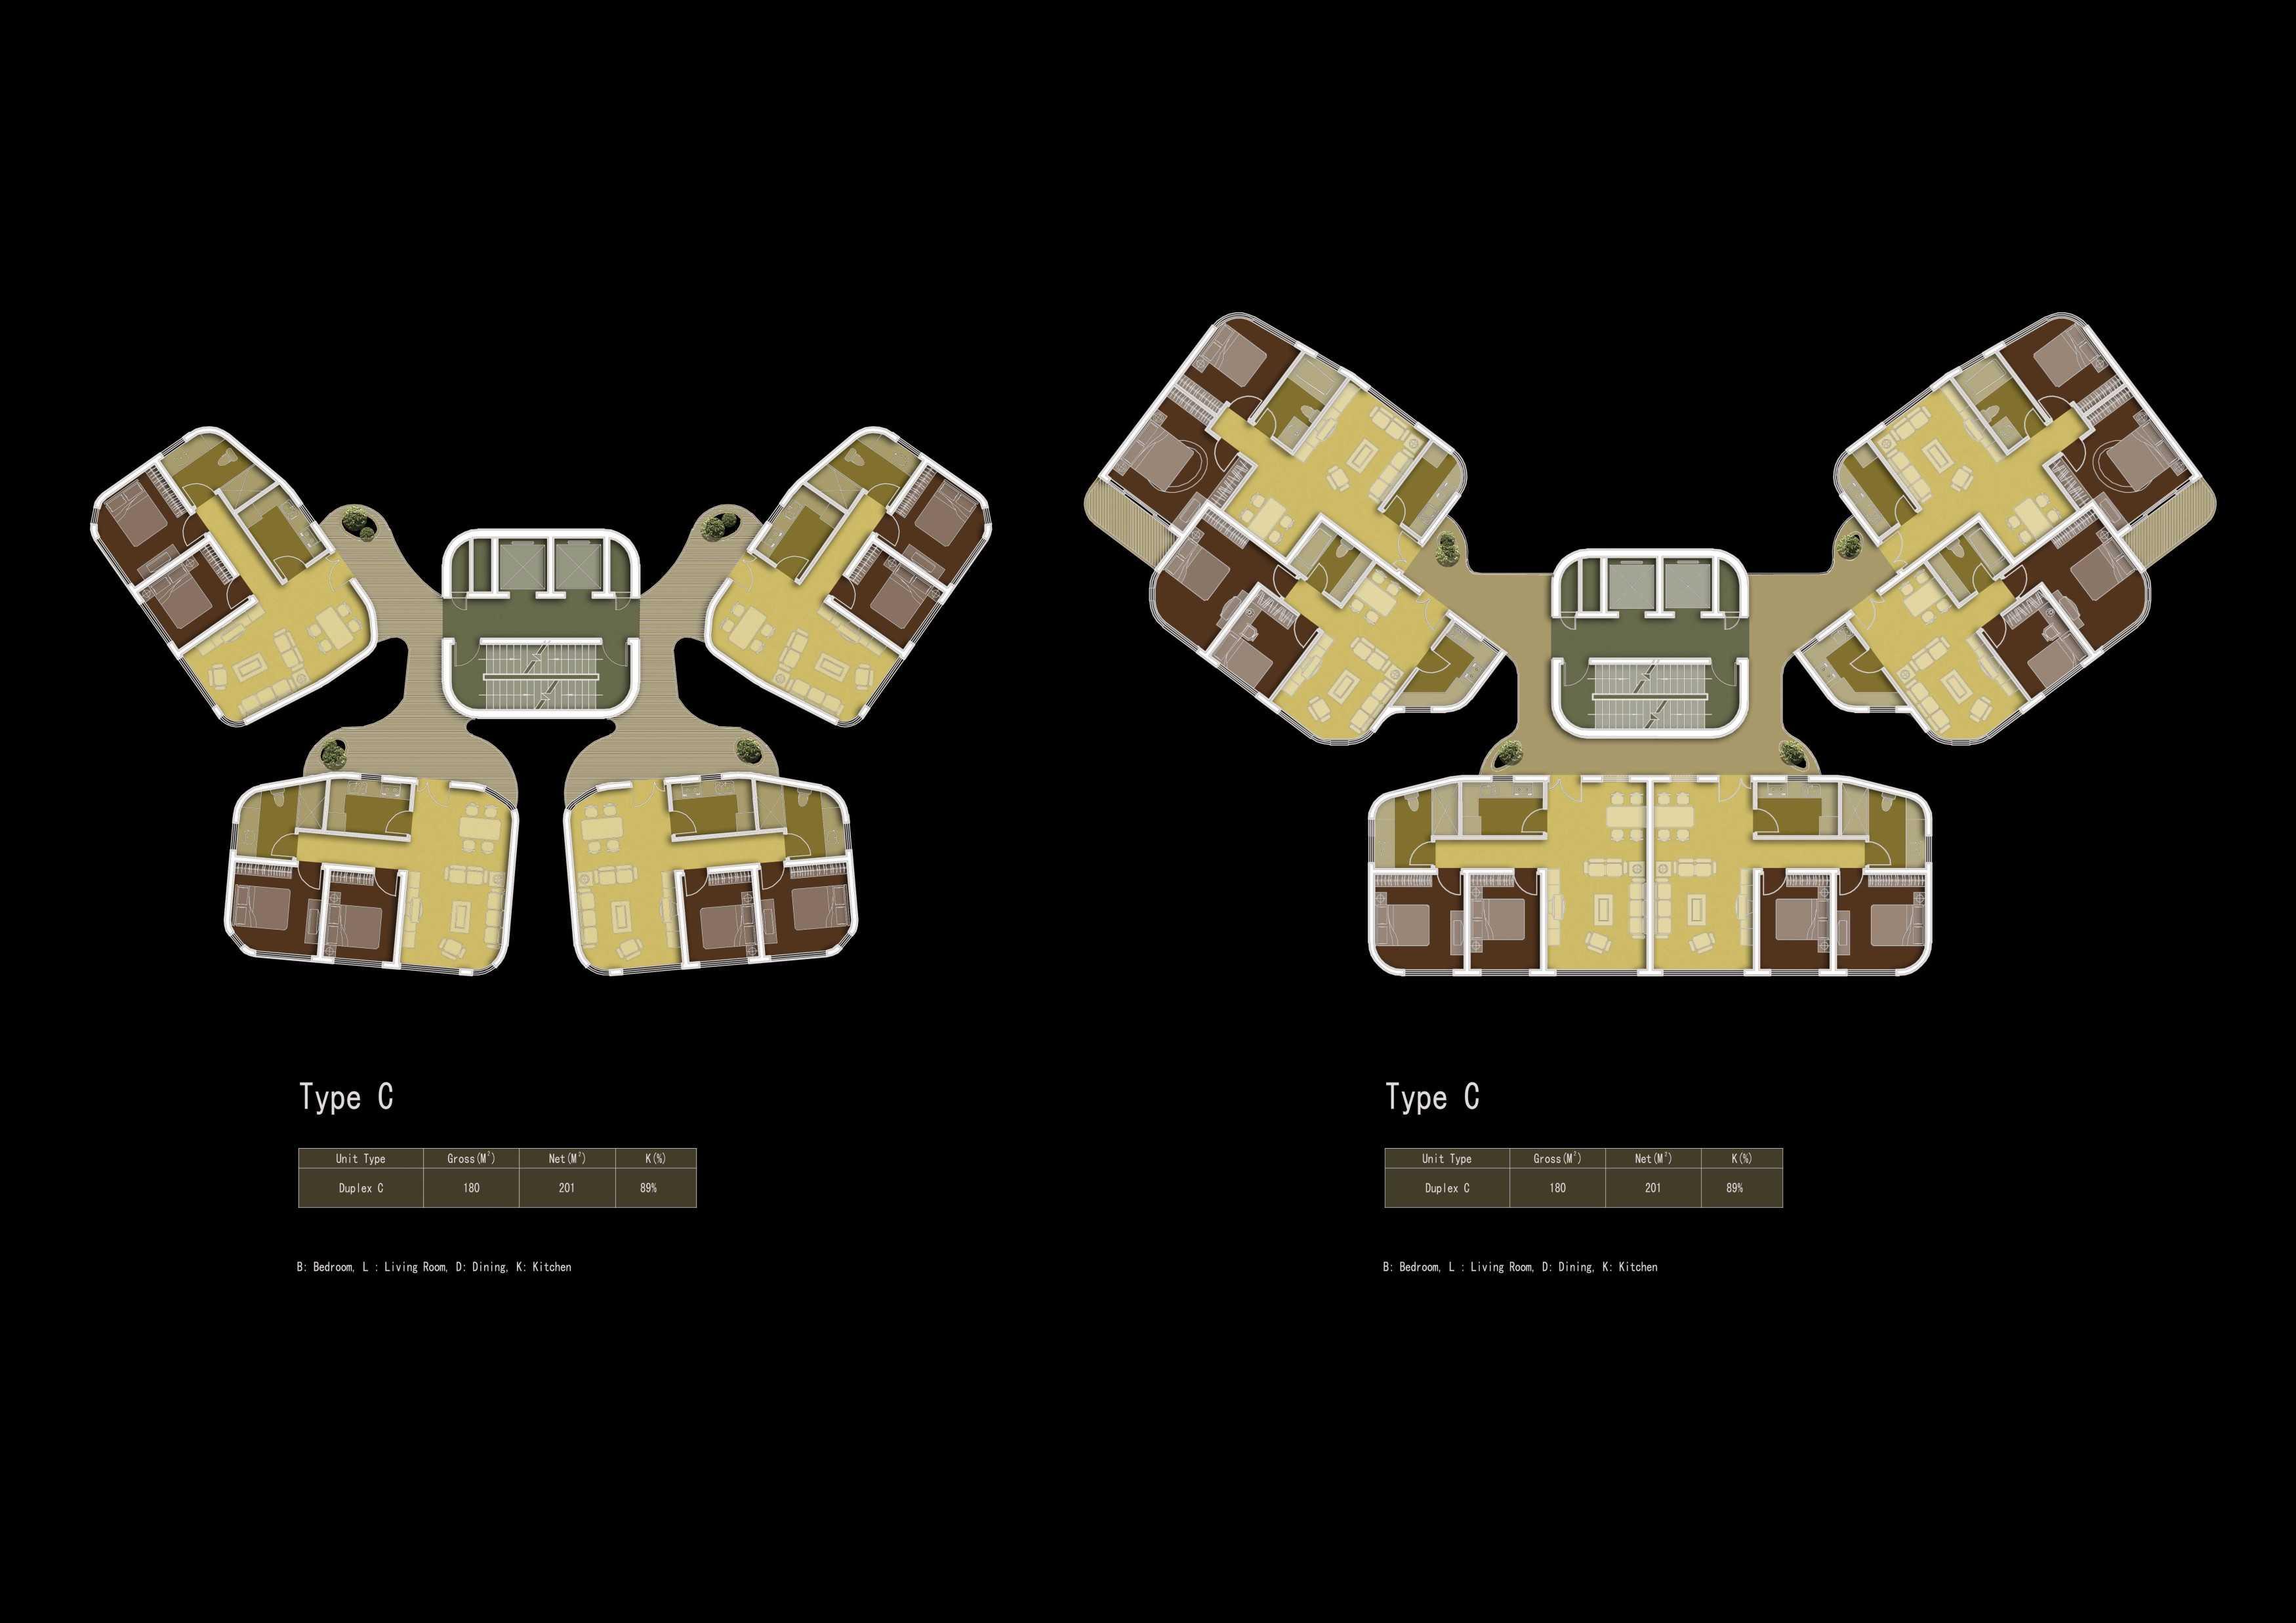 Tau Architect Zhuhai Residential Development Zhuhai,china Zhuhai,china Highrise Kontemporer  13866